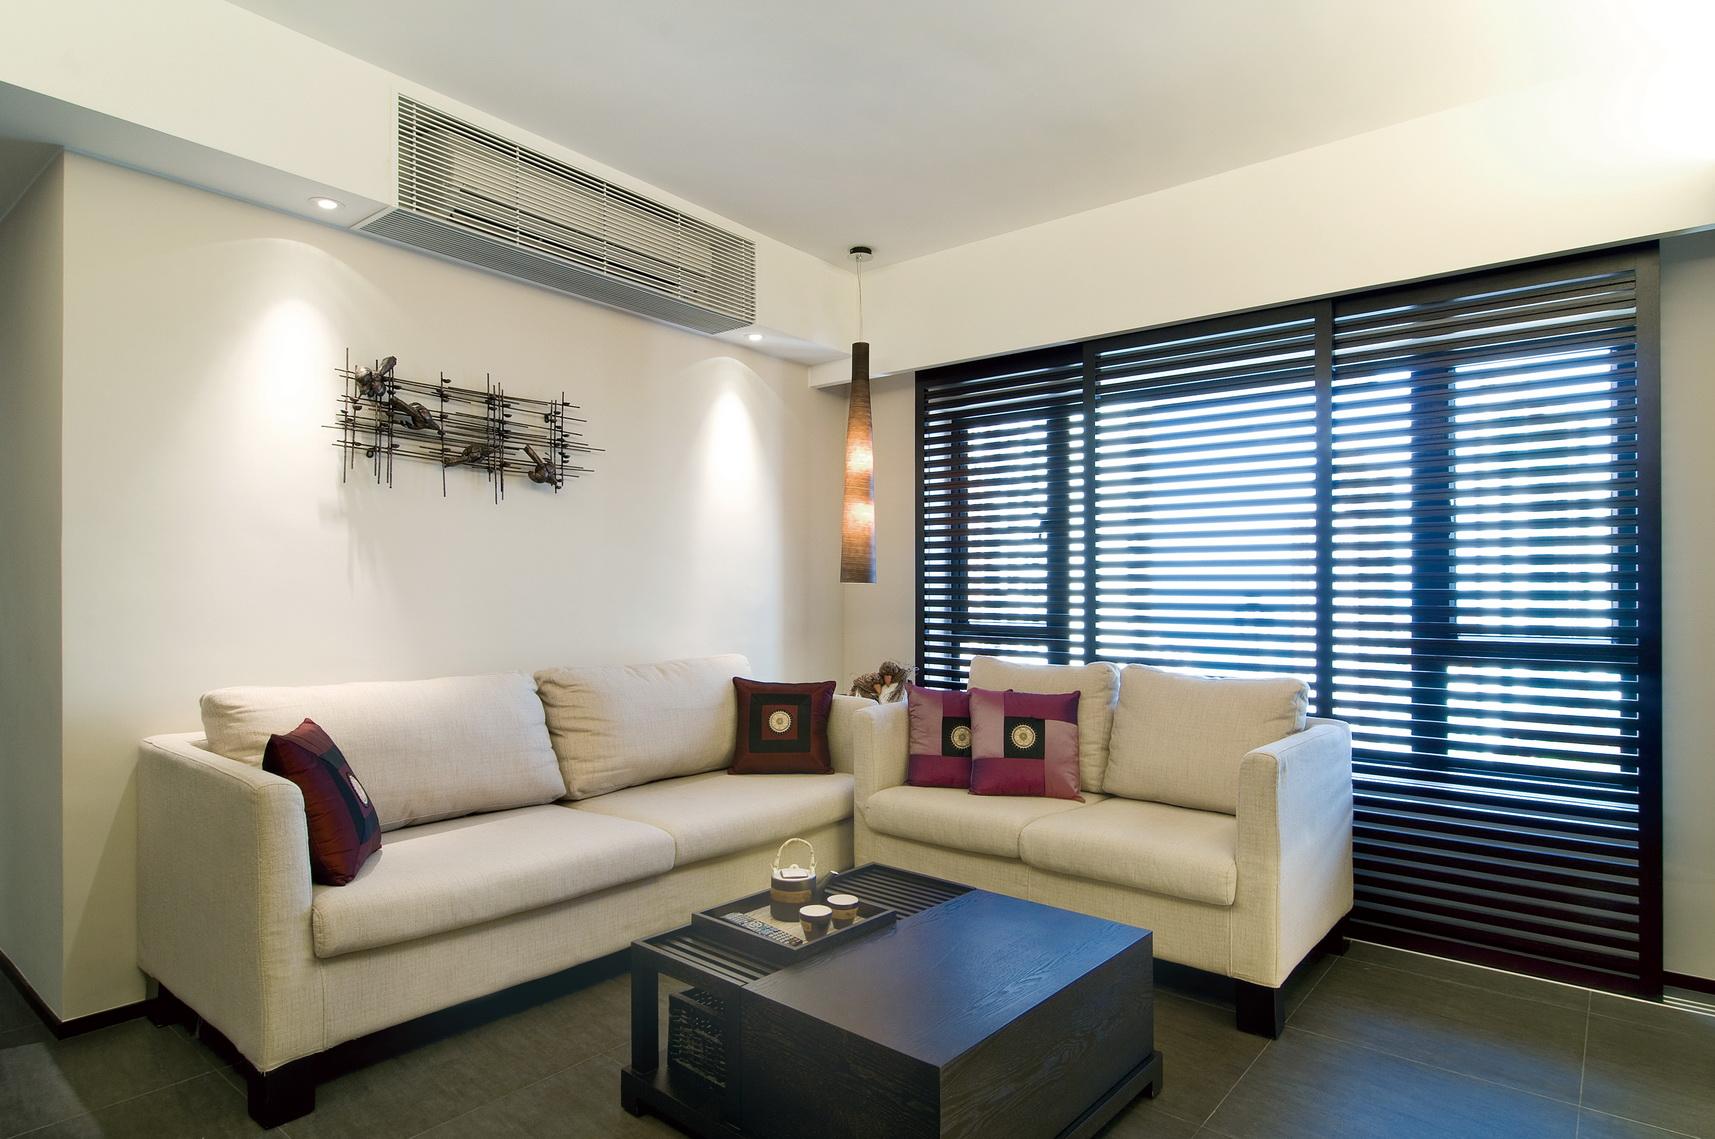 客厅背景墙以黑白相间的木质横条纹的装饰,黑白经典的搭配,简约而大方